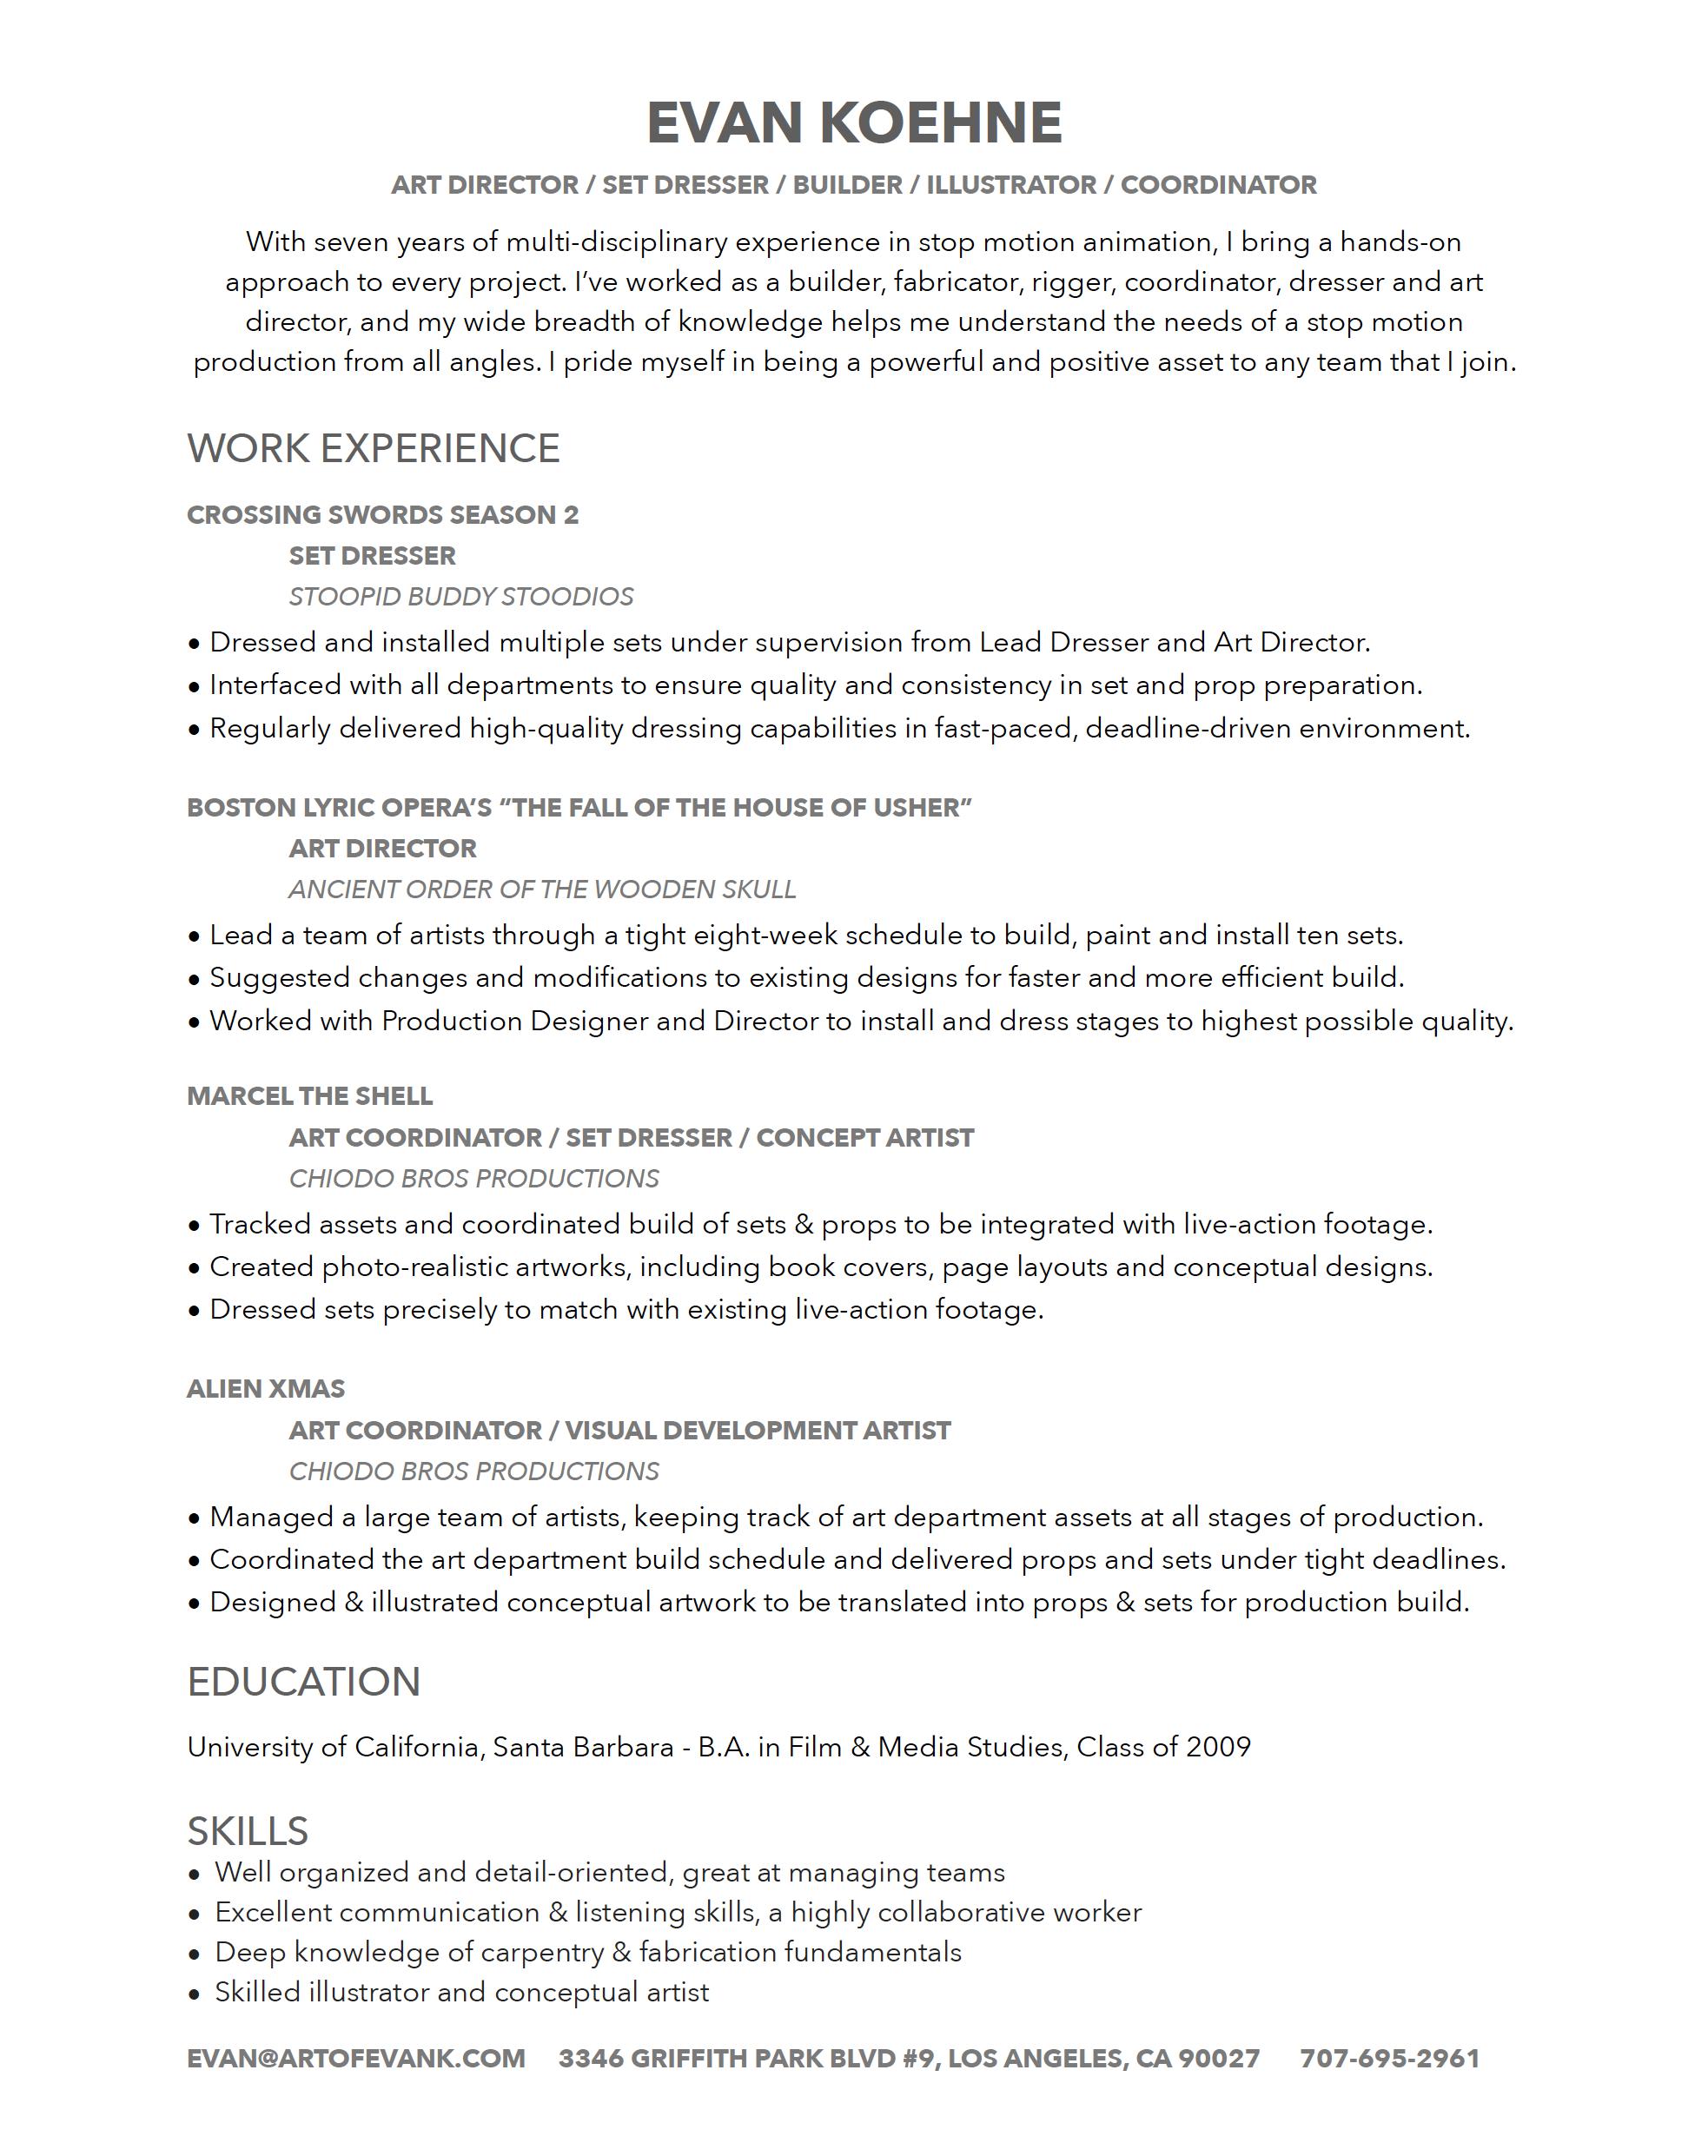 ek_resume